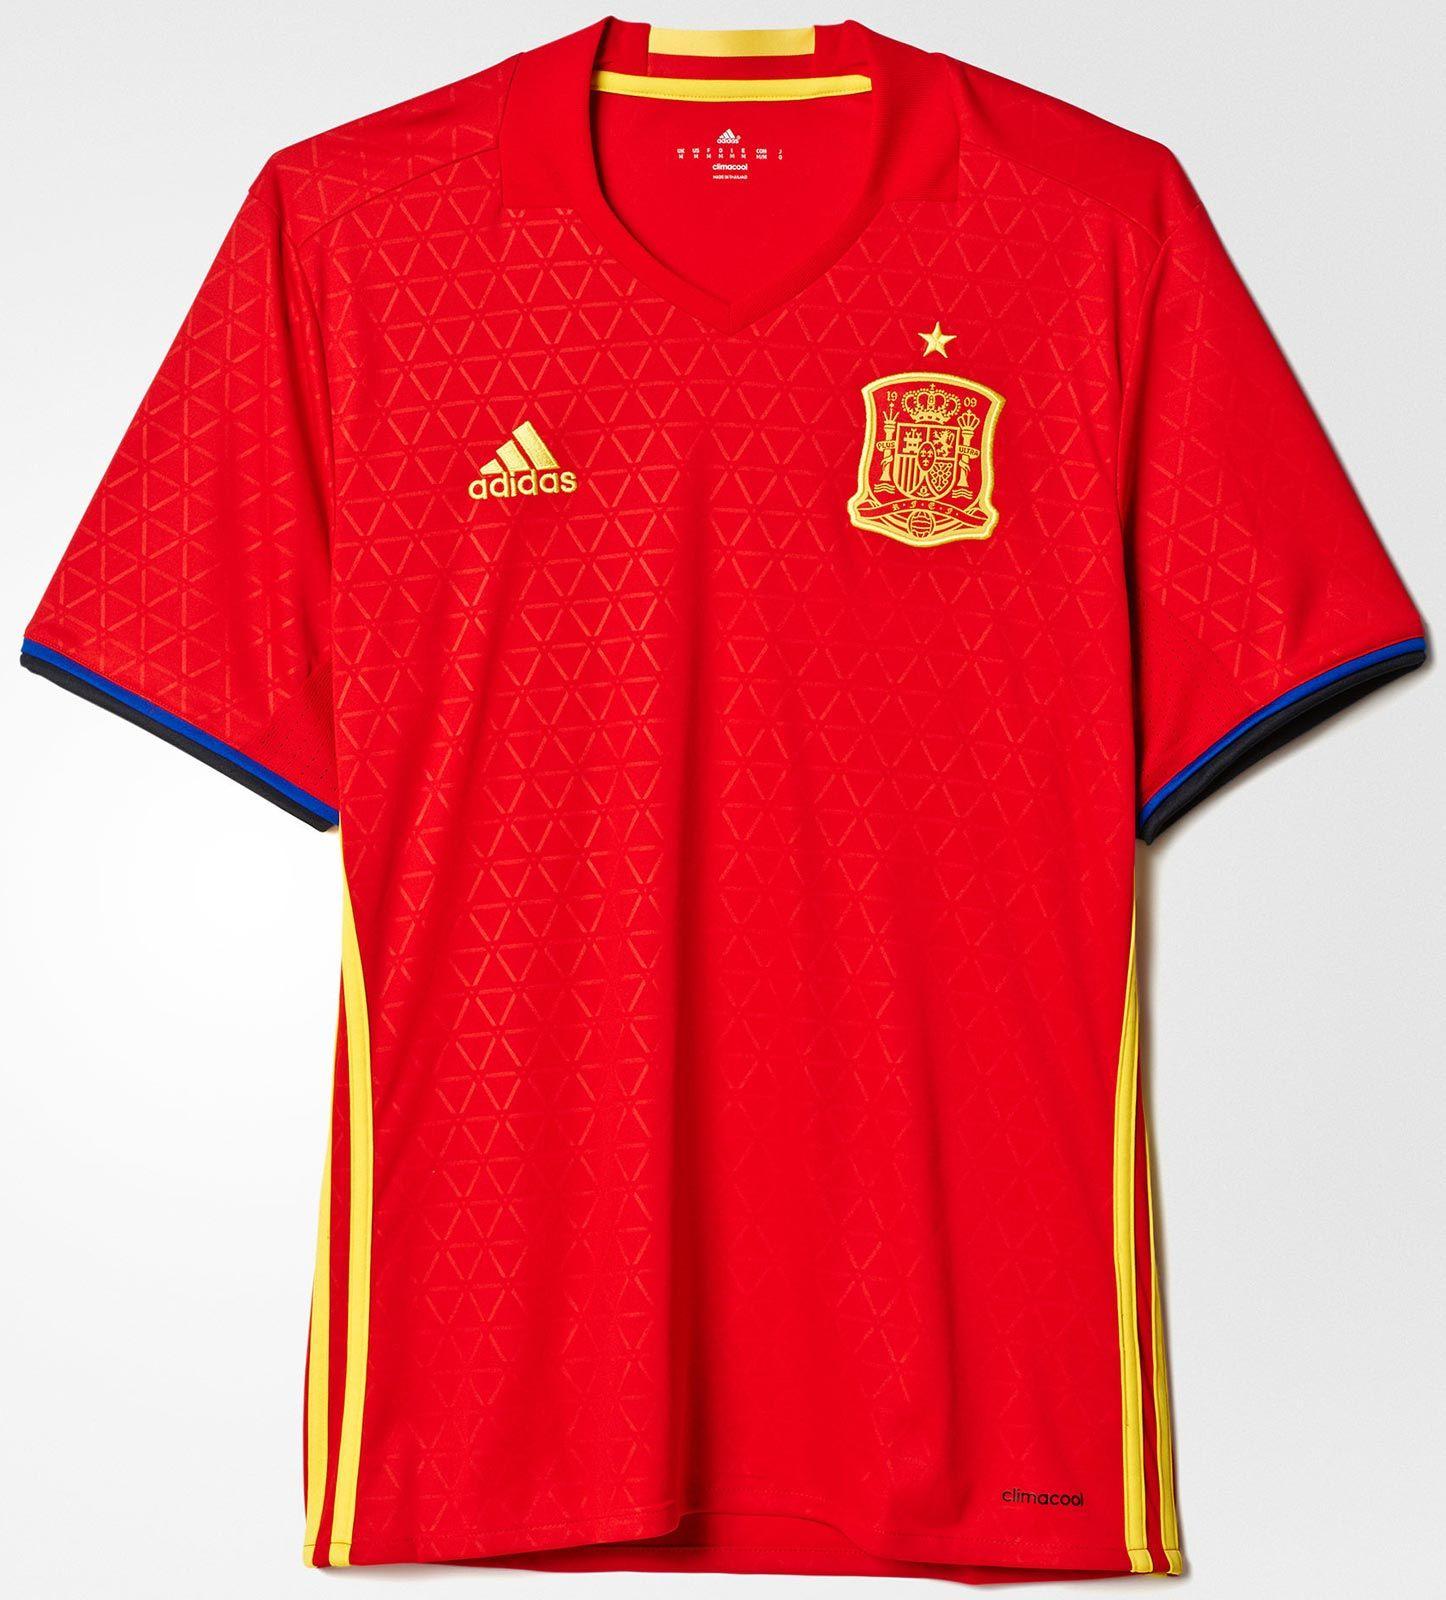 b85b7ec8893b5 Adidas divulga nova camisa titular da Espanha - Show de Camisas ...